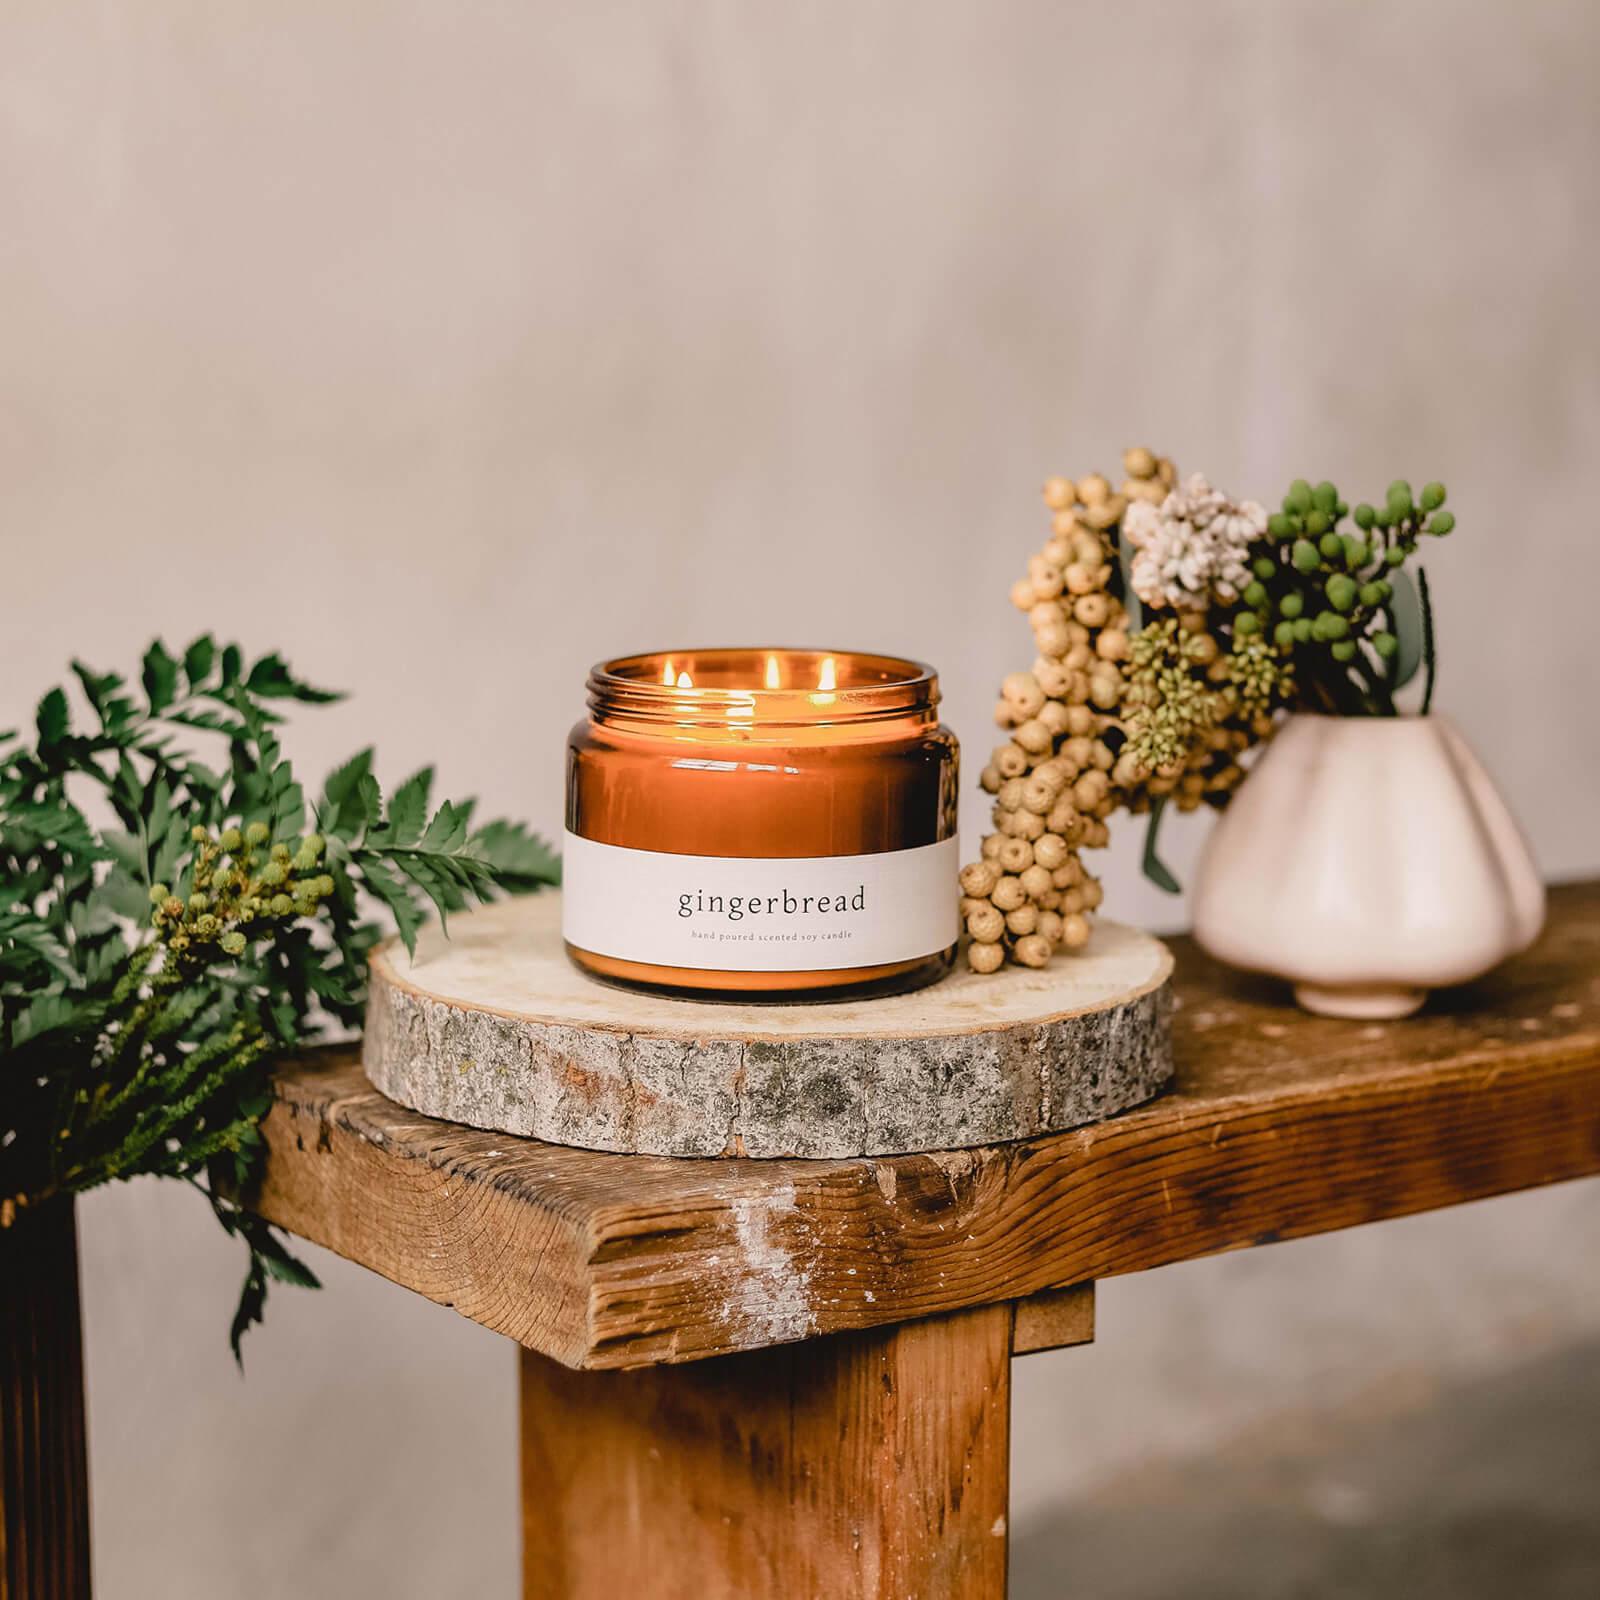 Hulladékmentes karácsonyi szójagyertya mézeskalács illattal újrahasznosítható üvegben